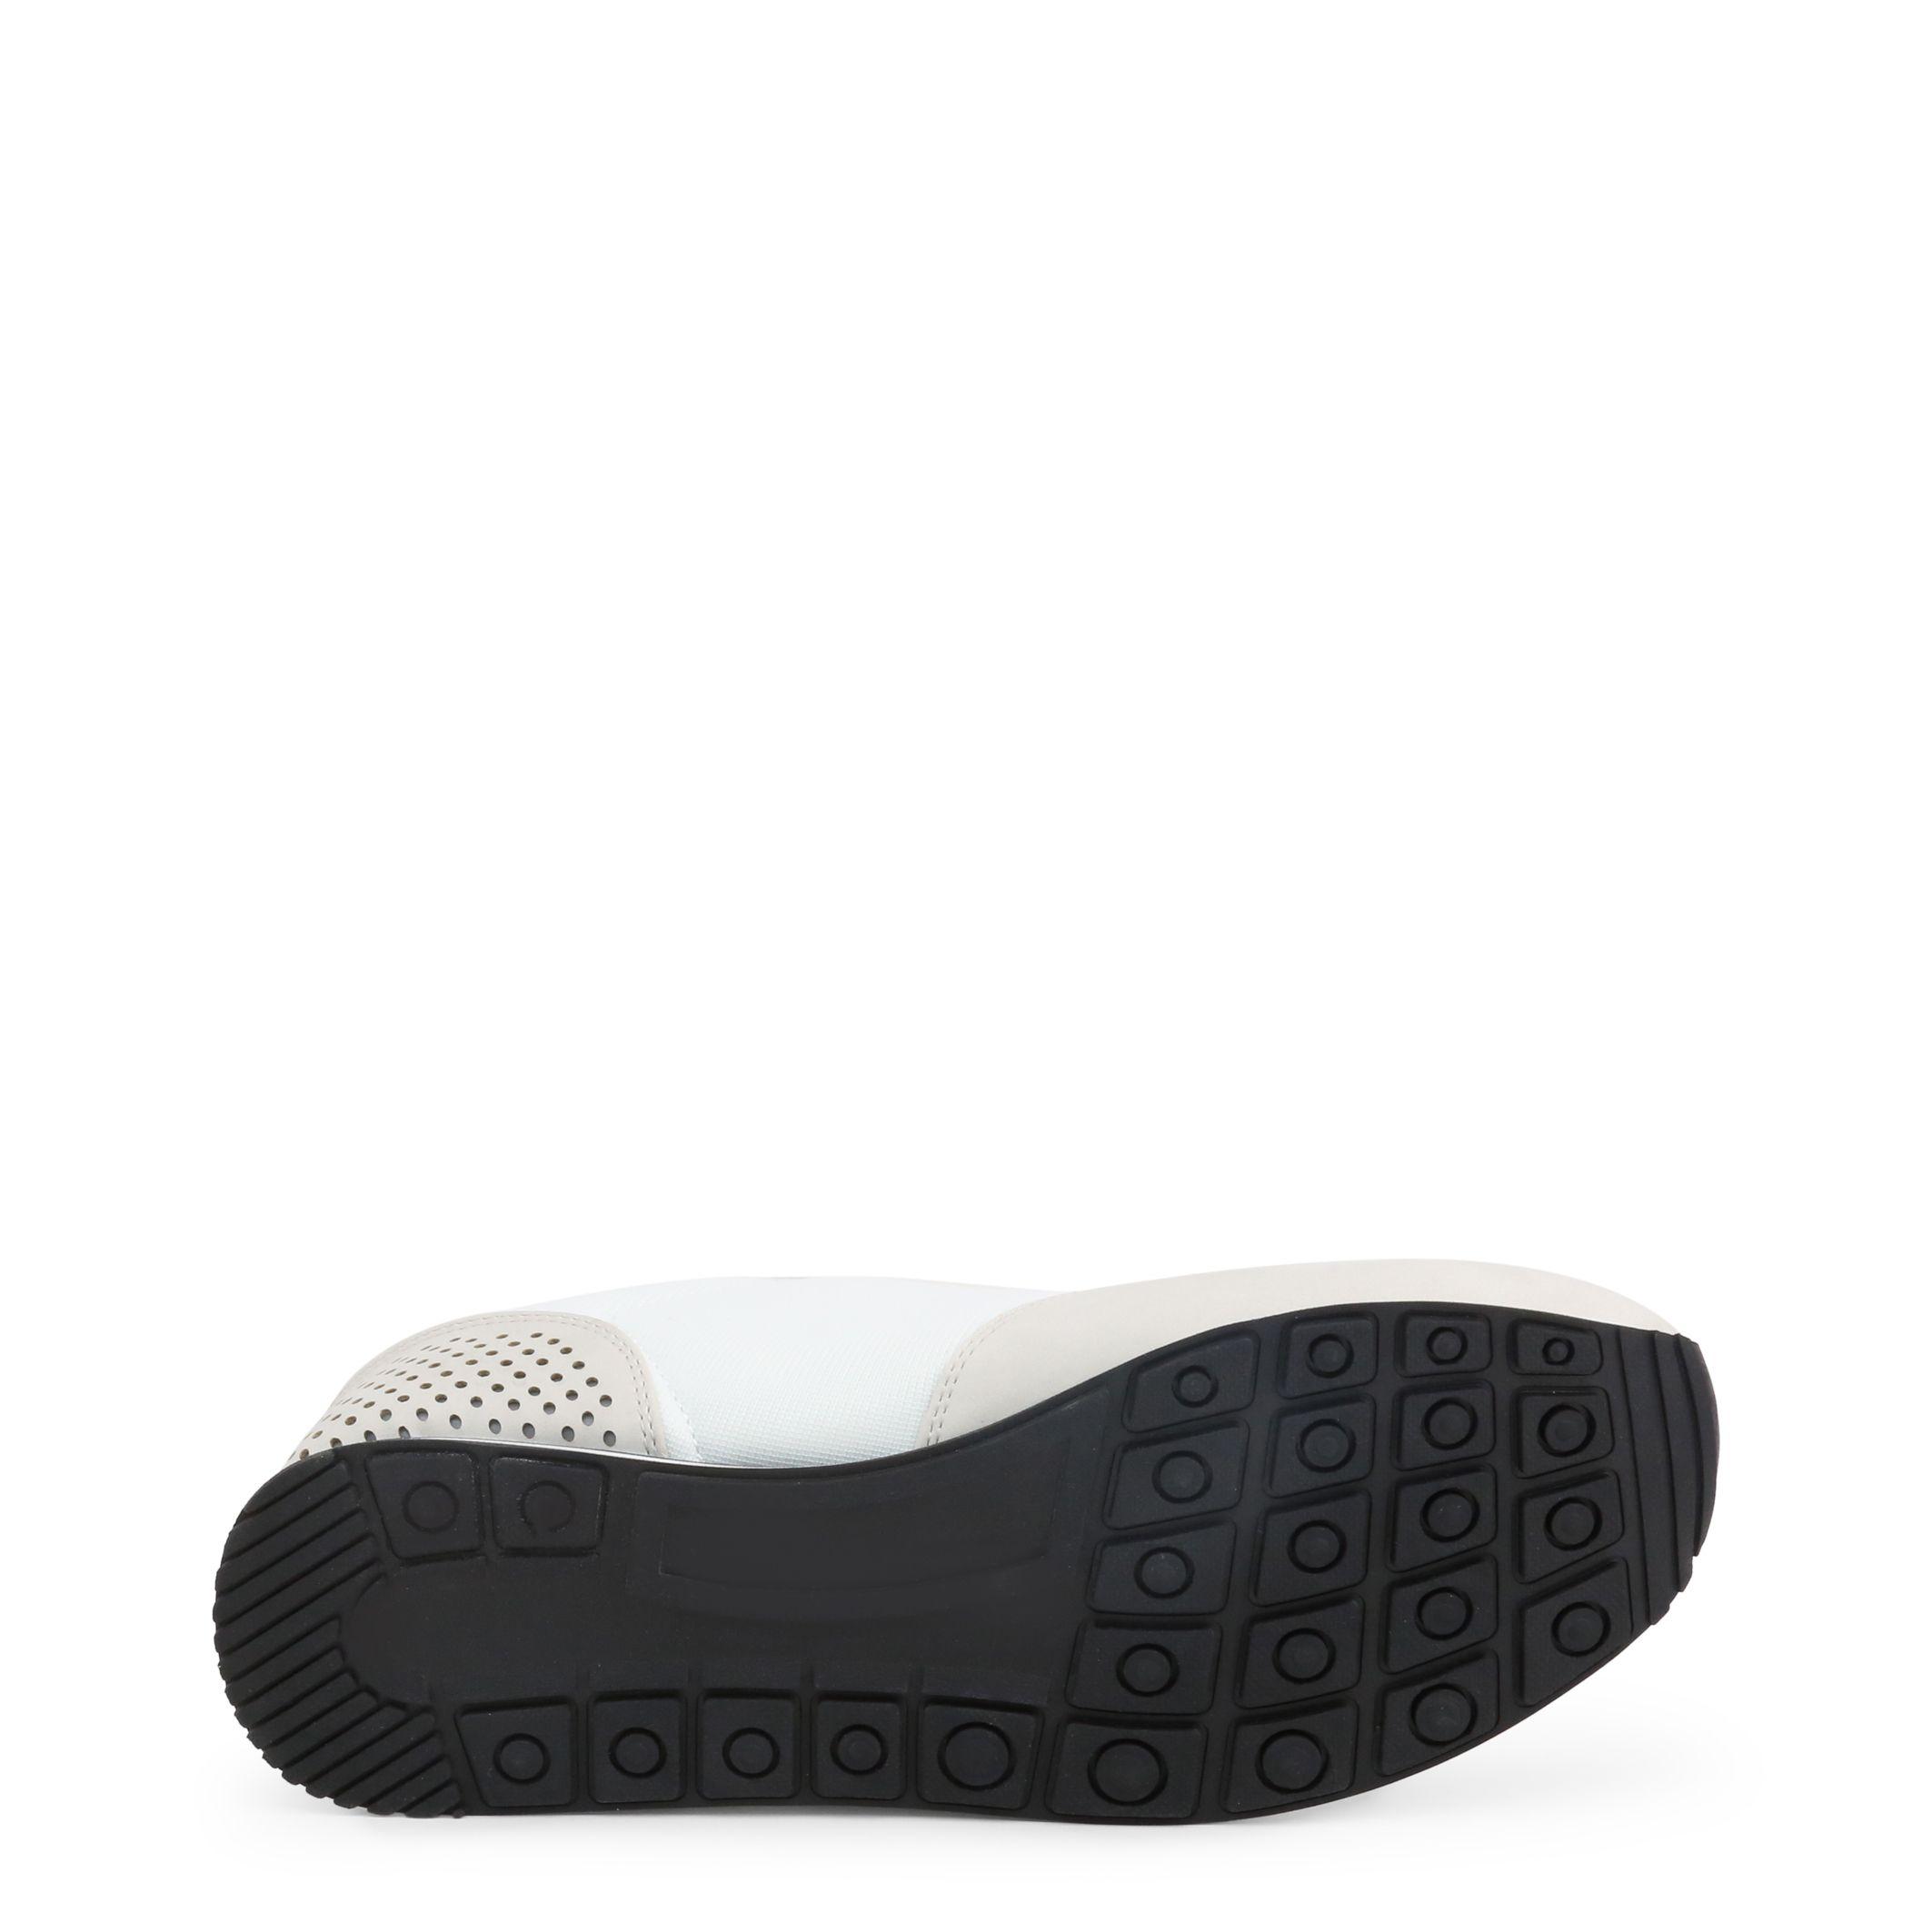 Chaussures Avirex – AV01M40604